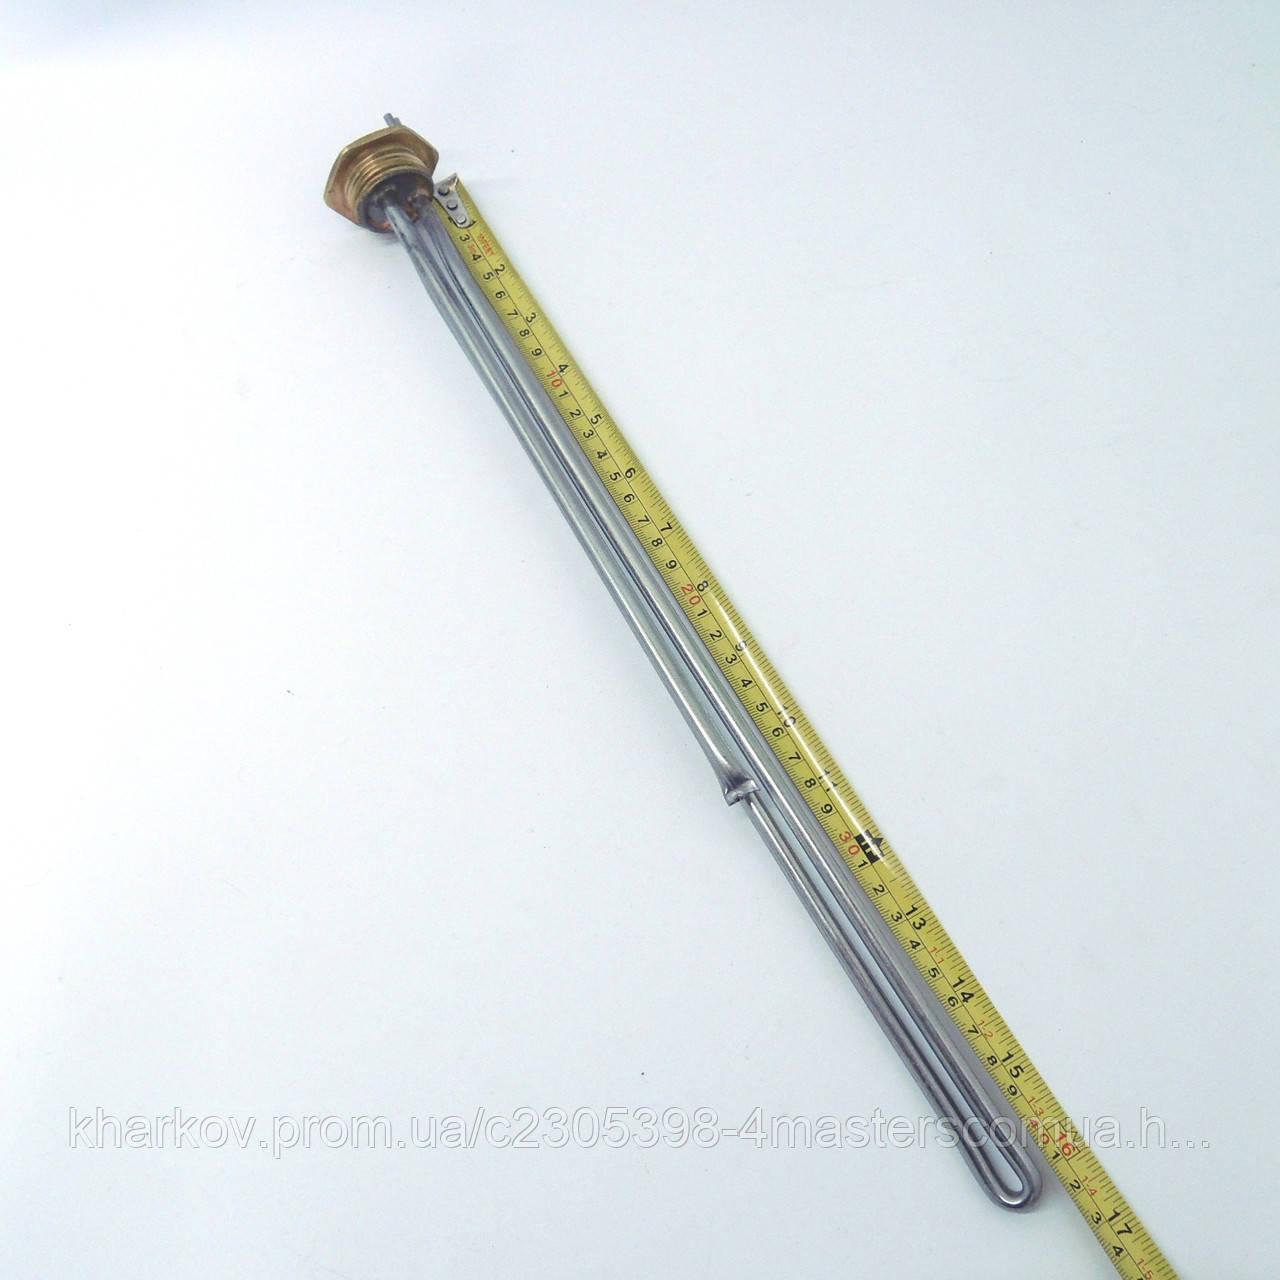 """ТЭН 2000 Вт для алюминиевого радиатора, резьба G 1"""" (32,8 мм)"""